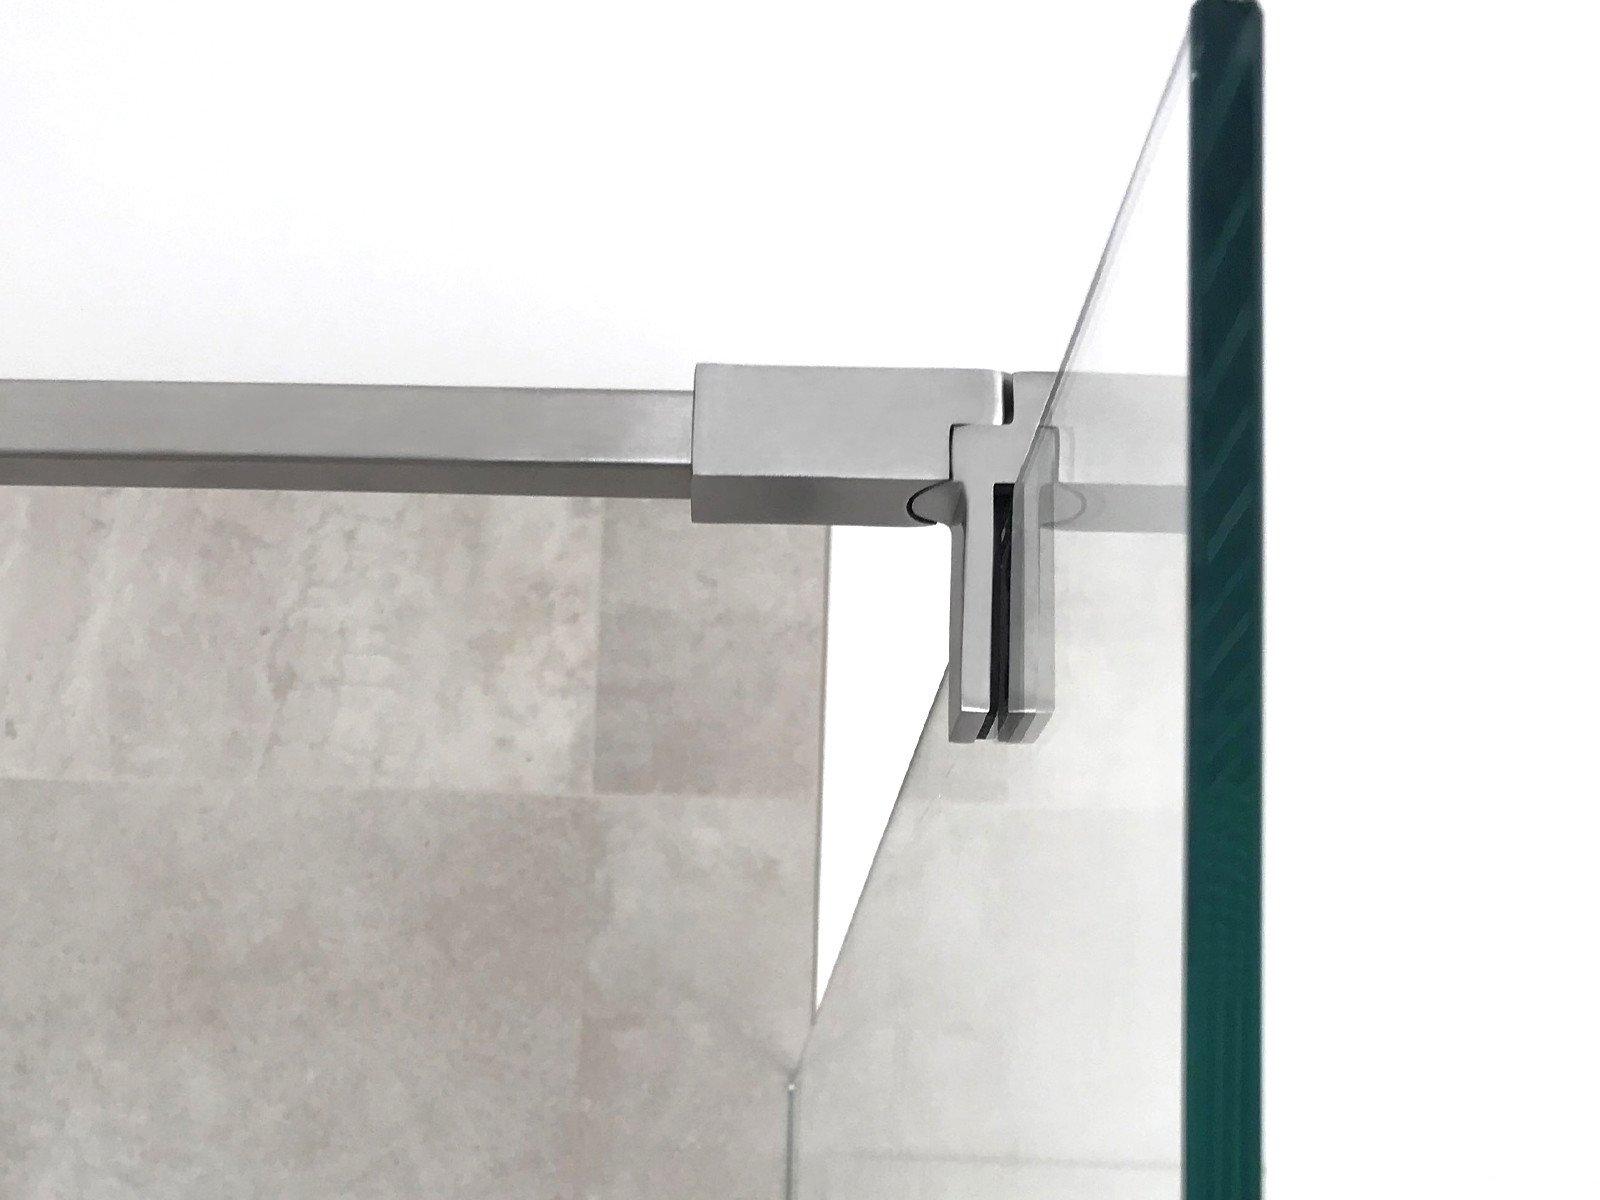 Eckige Stabilisationsstange mit Glasklemme hält Duschwand aus 8 mm ESG